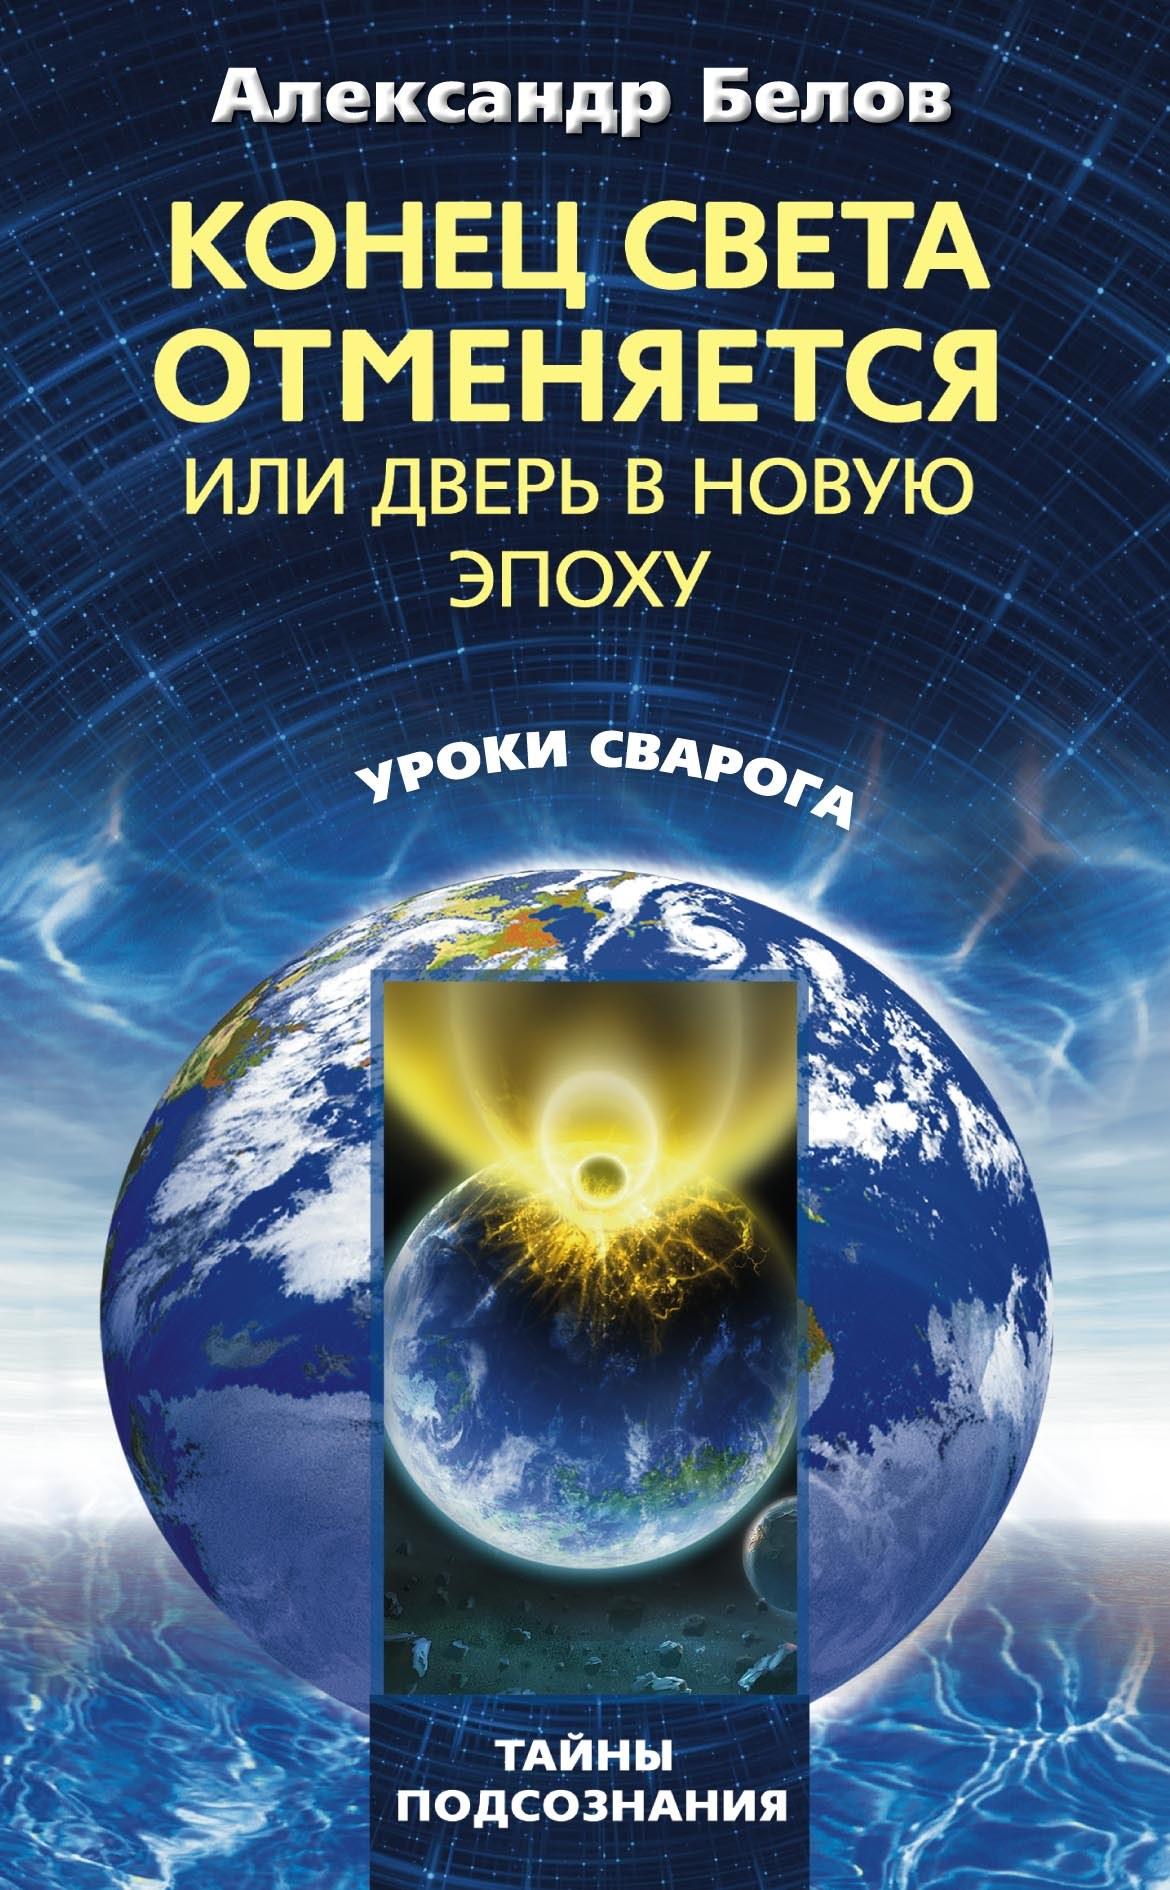 Александр Белов Конец света отменяется, или Дверь в Новую эпоху александр белов тайная родословная человека загадка превращения людей в животных